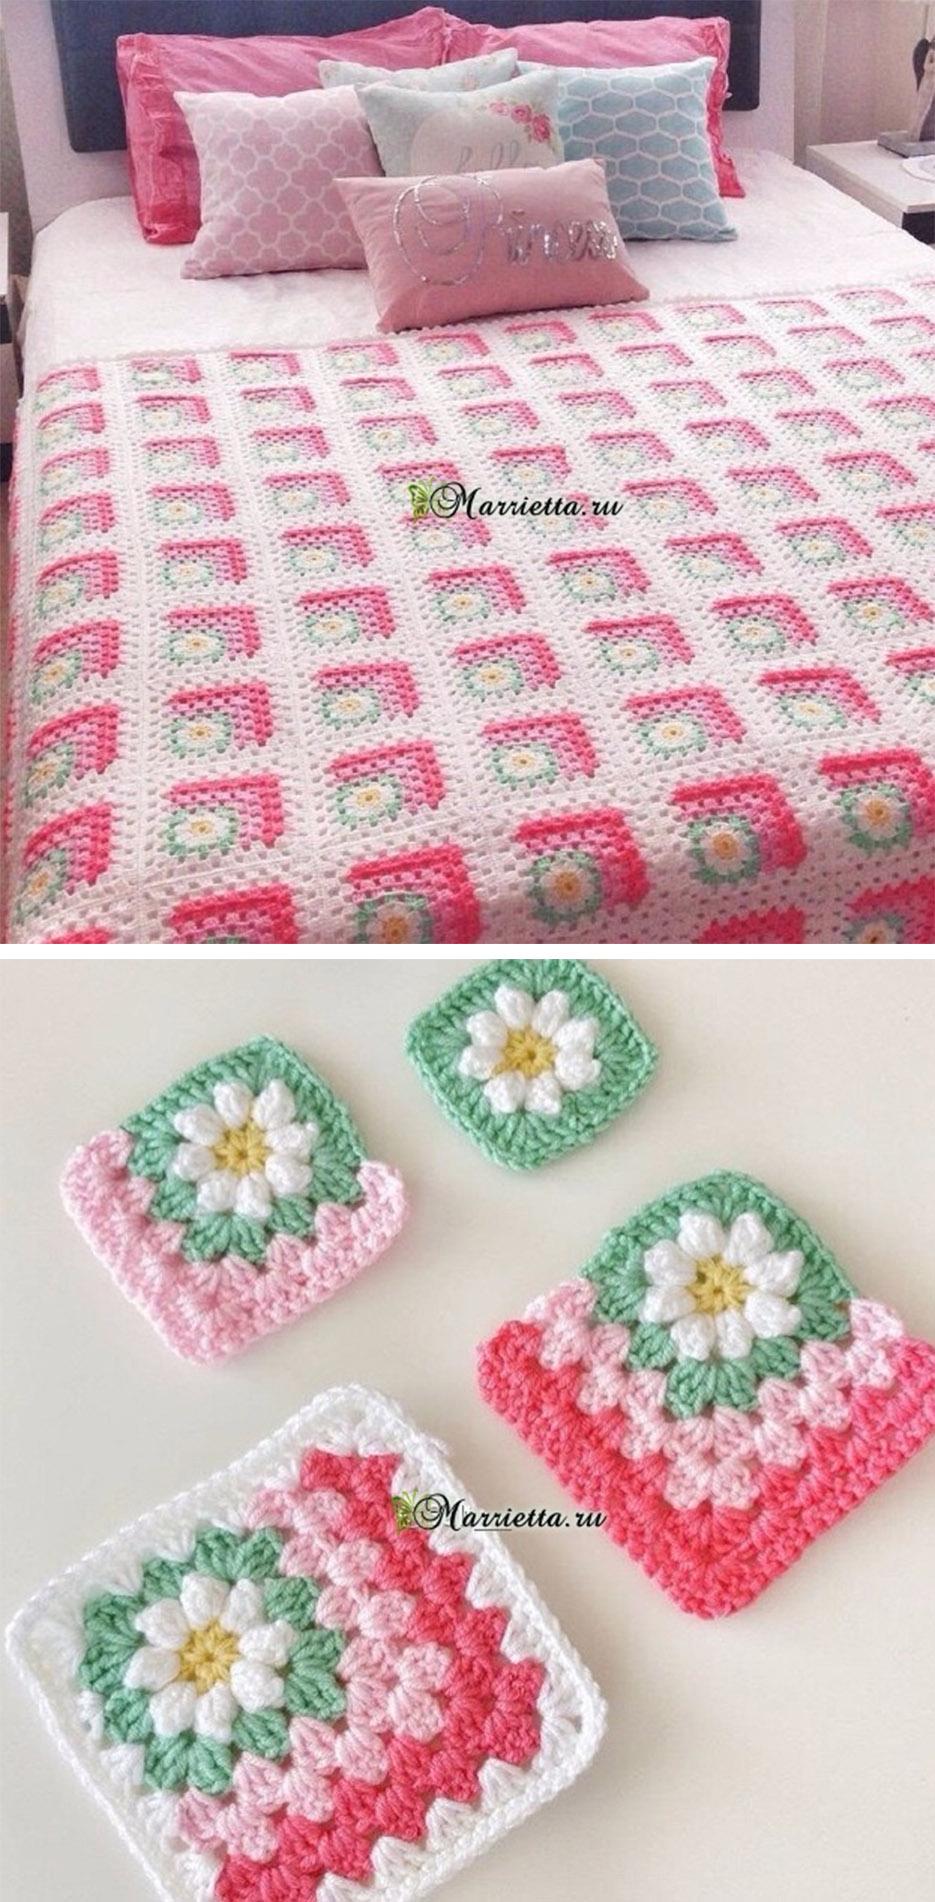 Flowers Crochet Granny Square Blanket Pattern | CrochetBeja